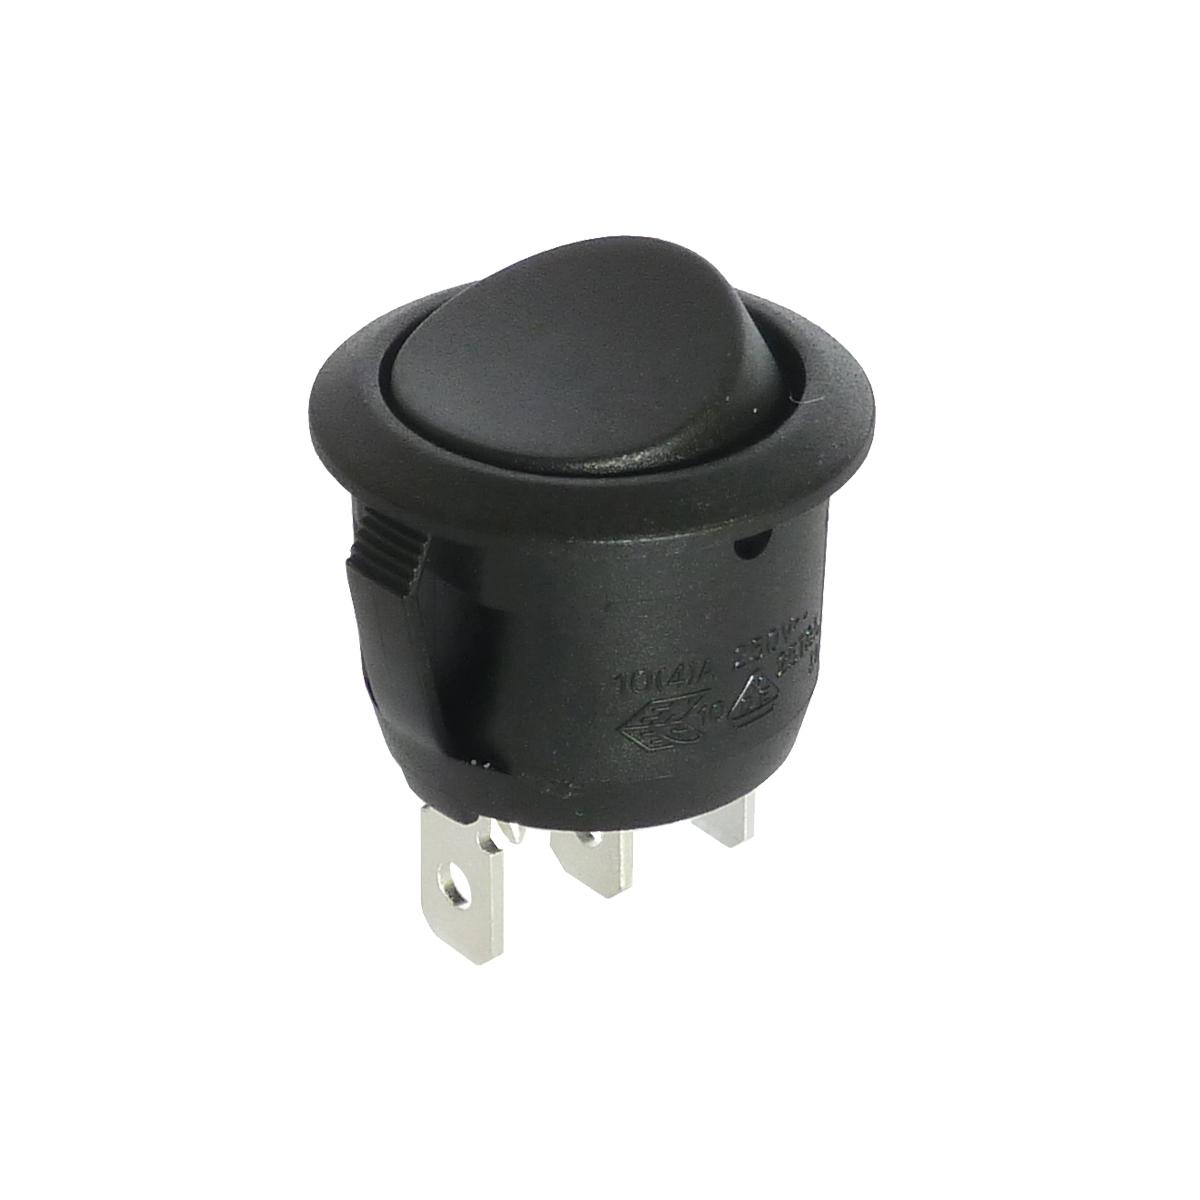 Interrupteur inverseur à bascule rond noir, On-On, 250V